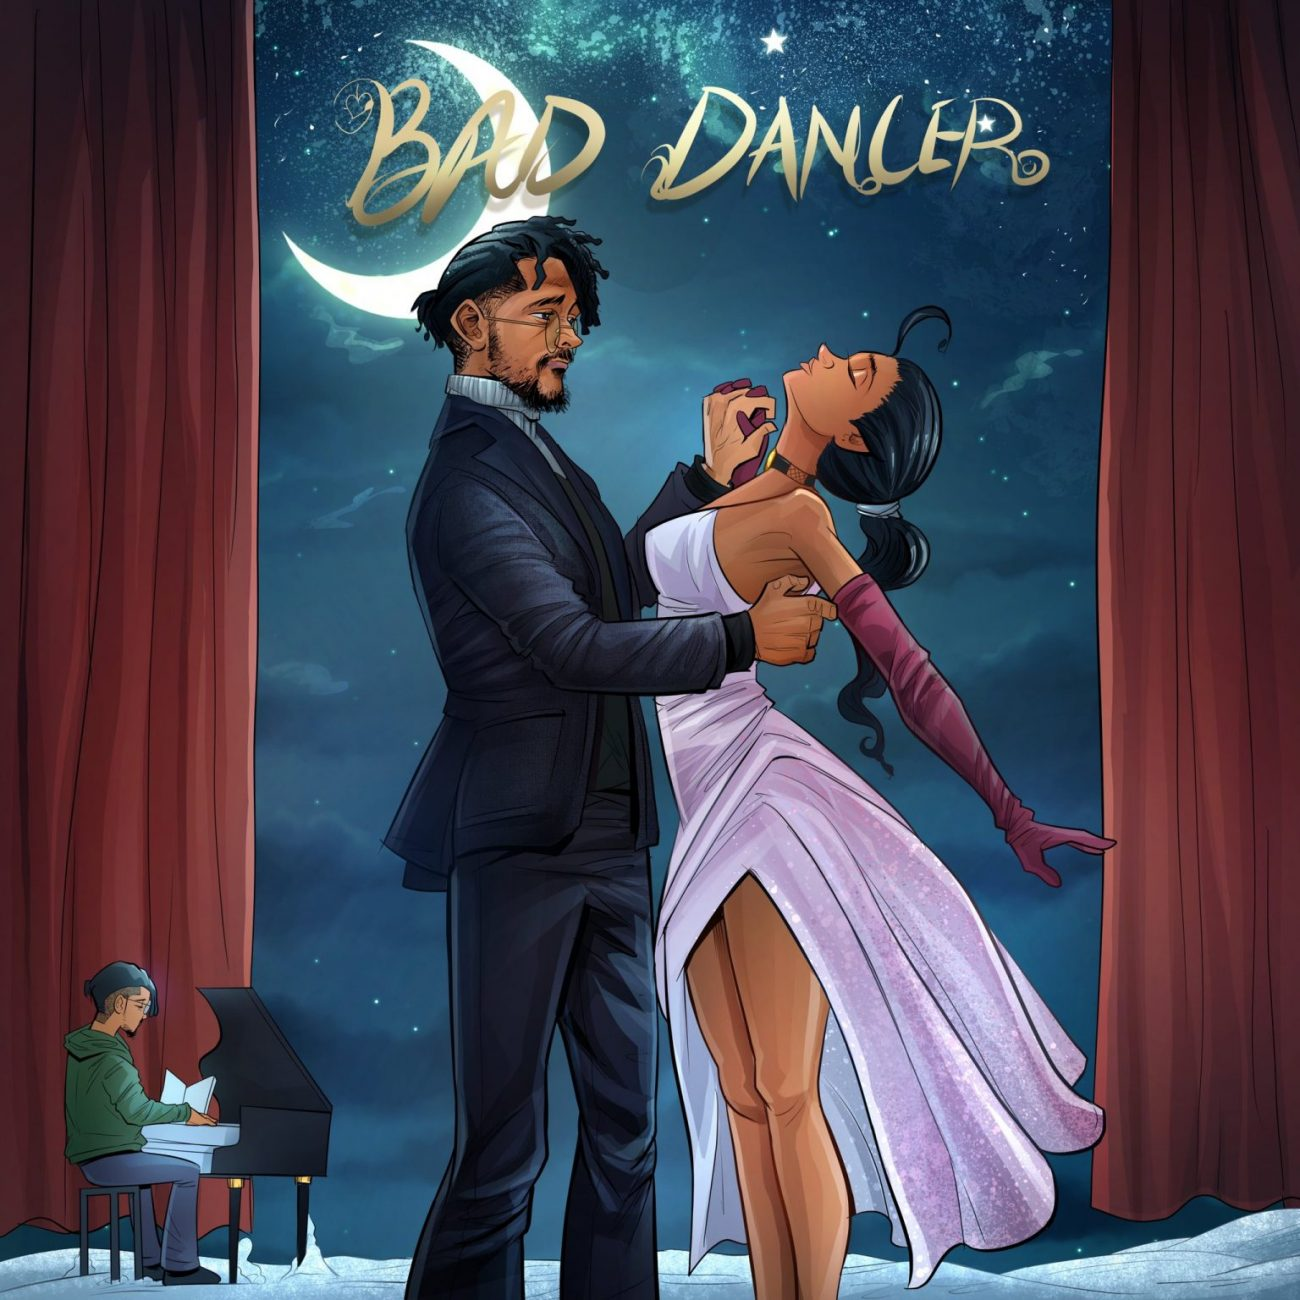 Bad-Dancer-Johnny Drille